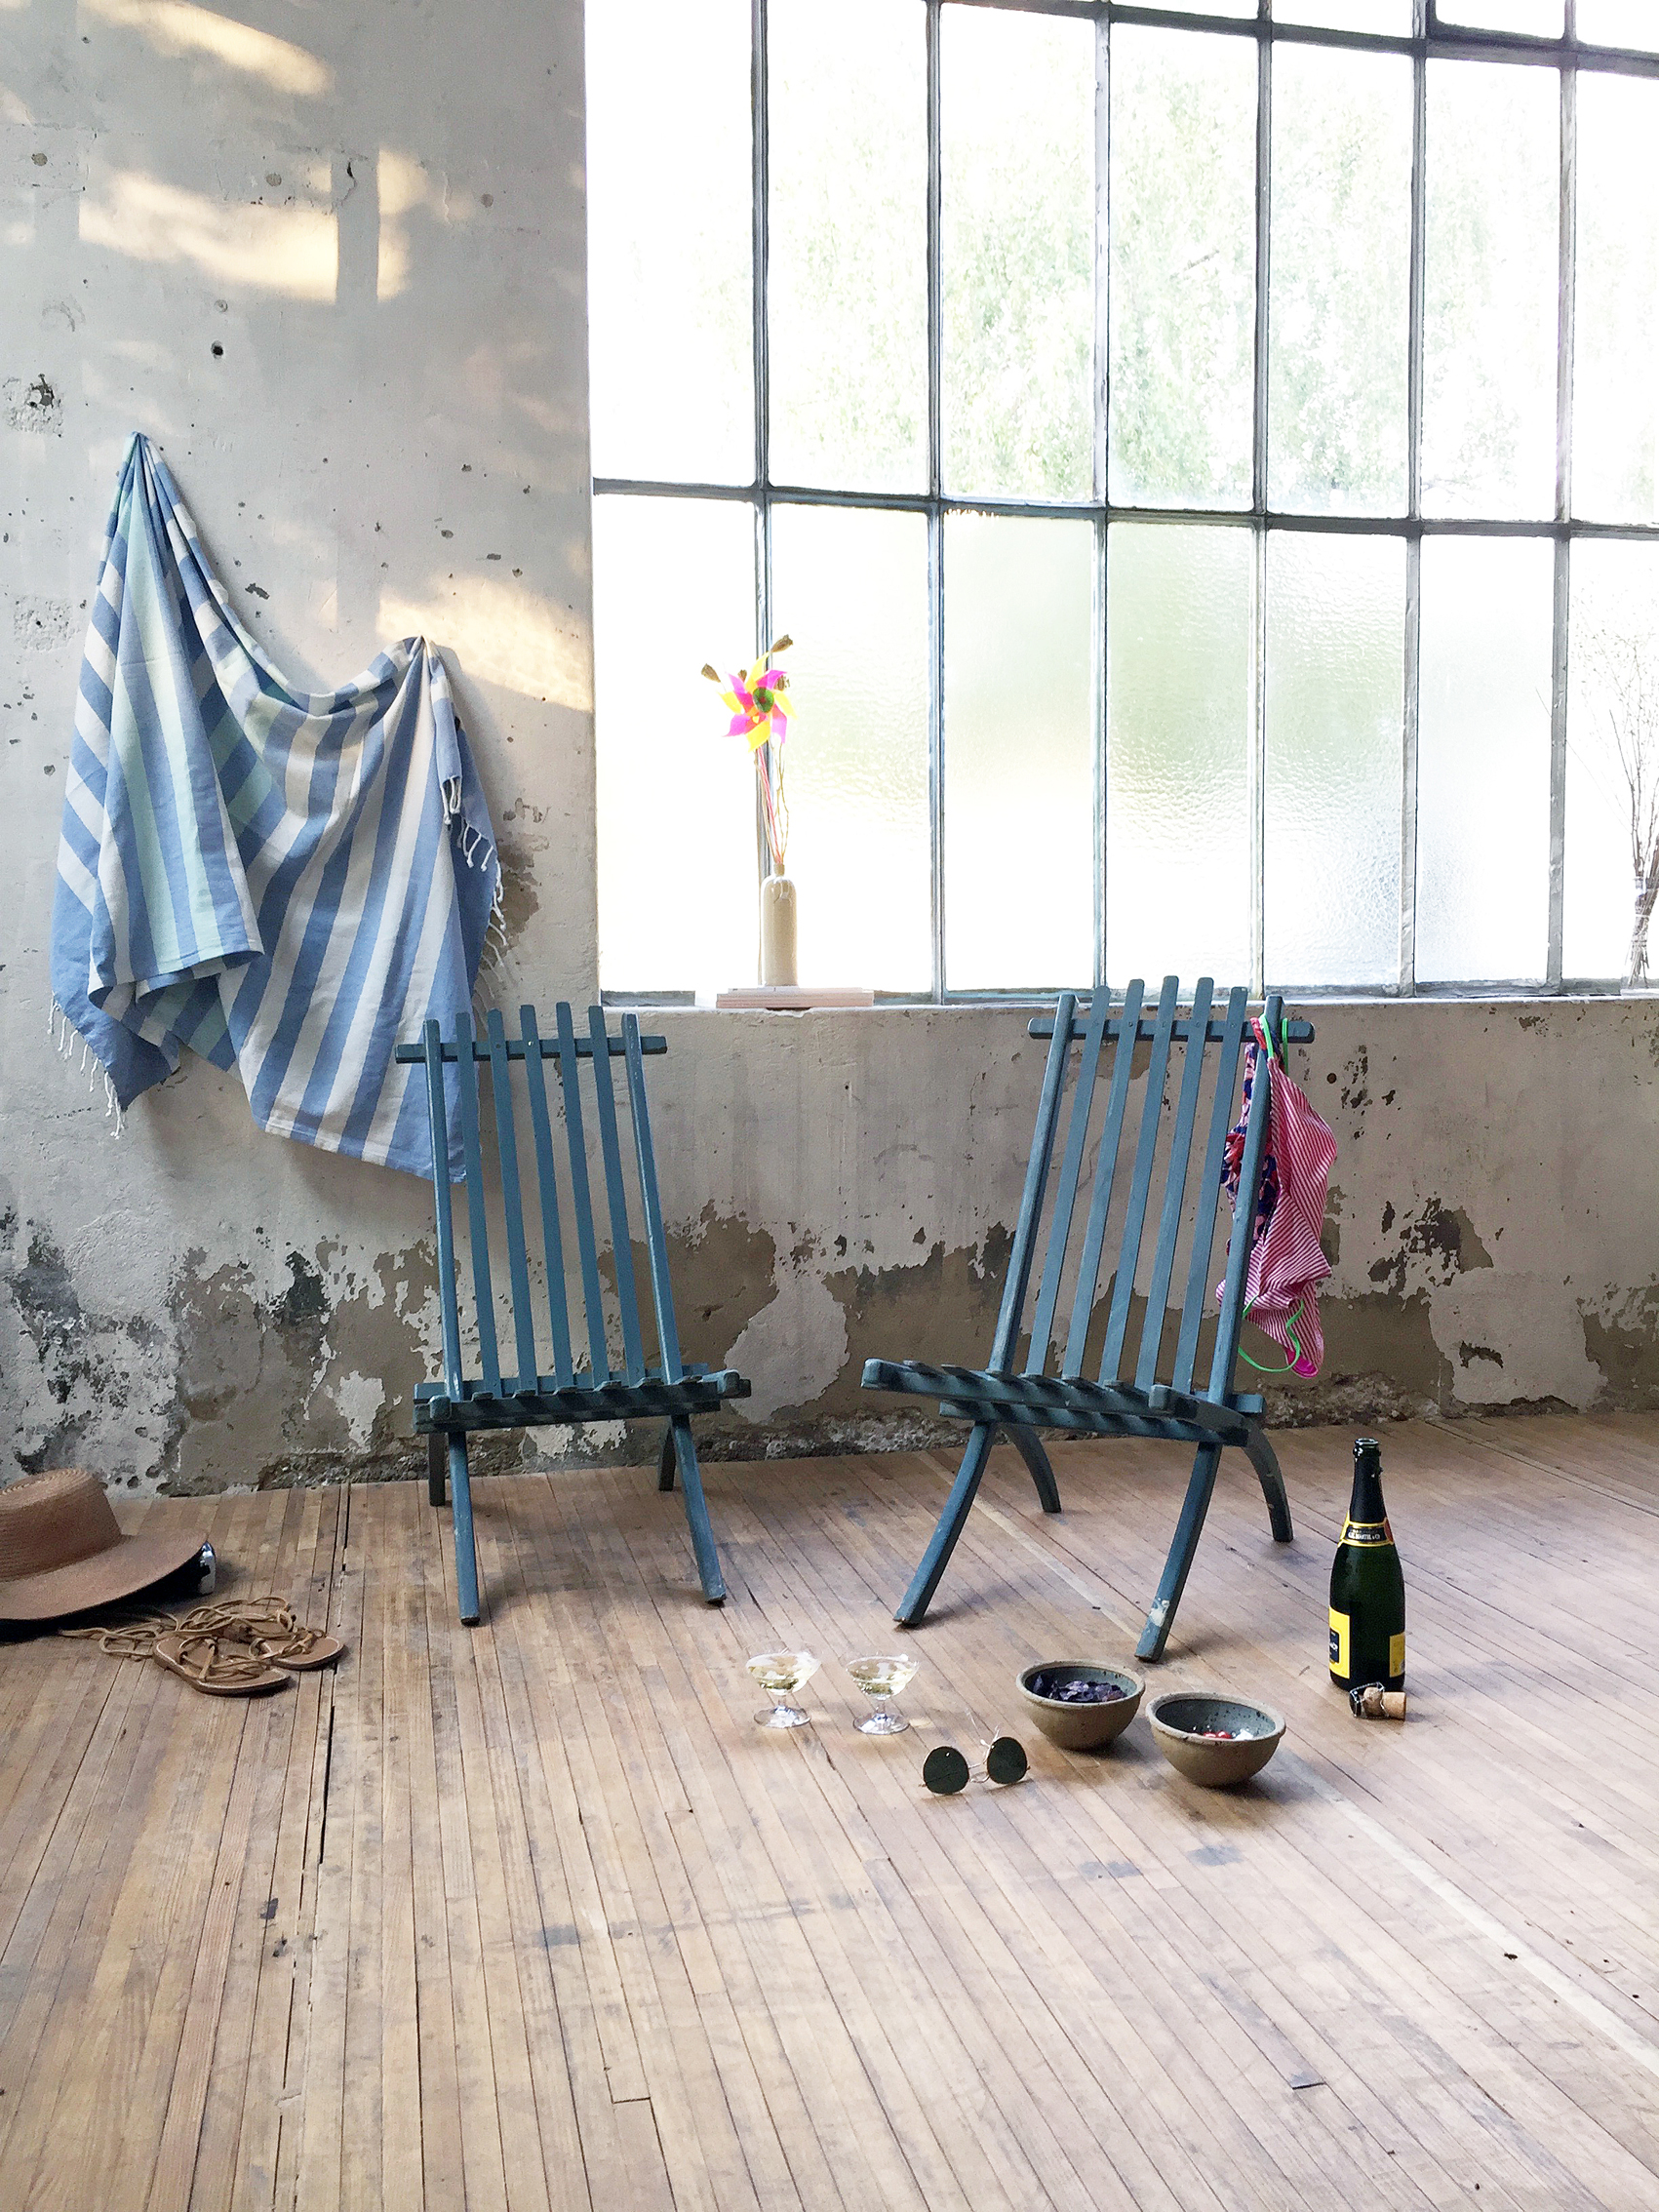 Chaises de jardin pliantes – Mein Lieber